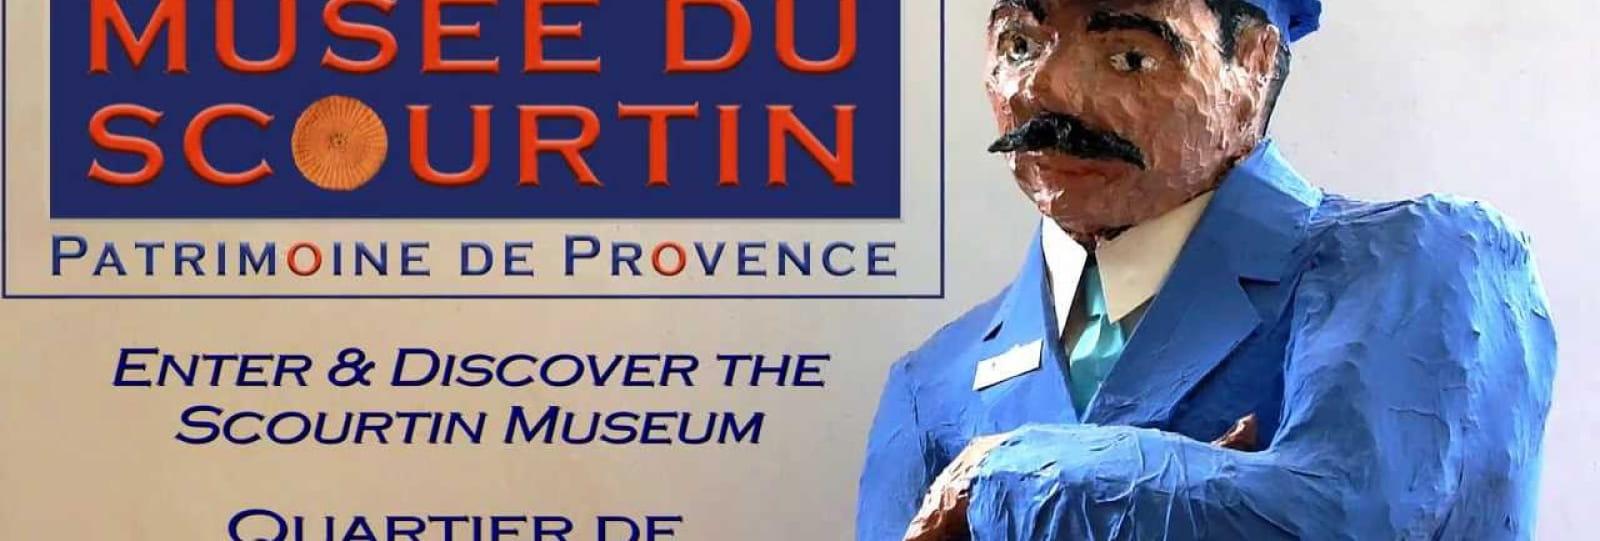 Musée du Scourtin